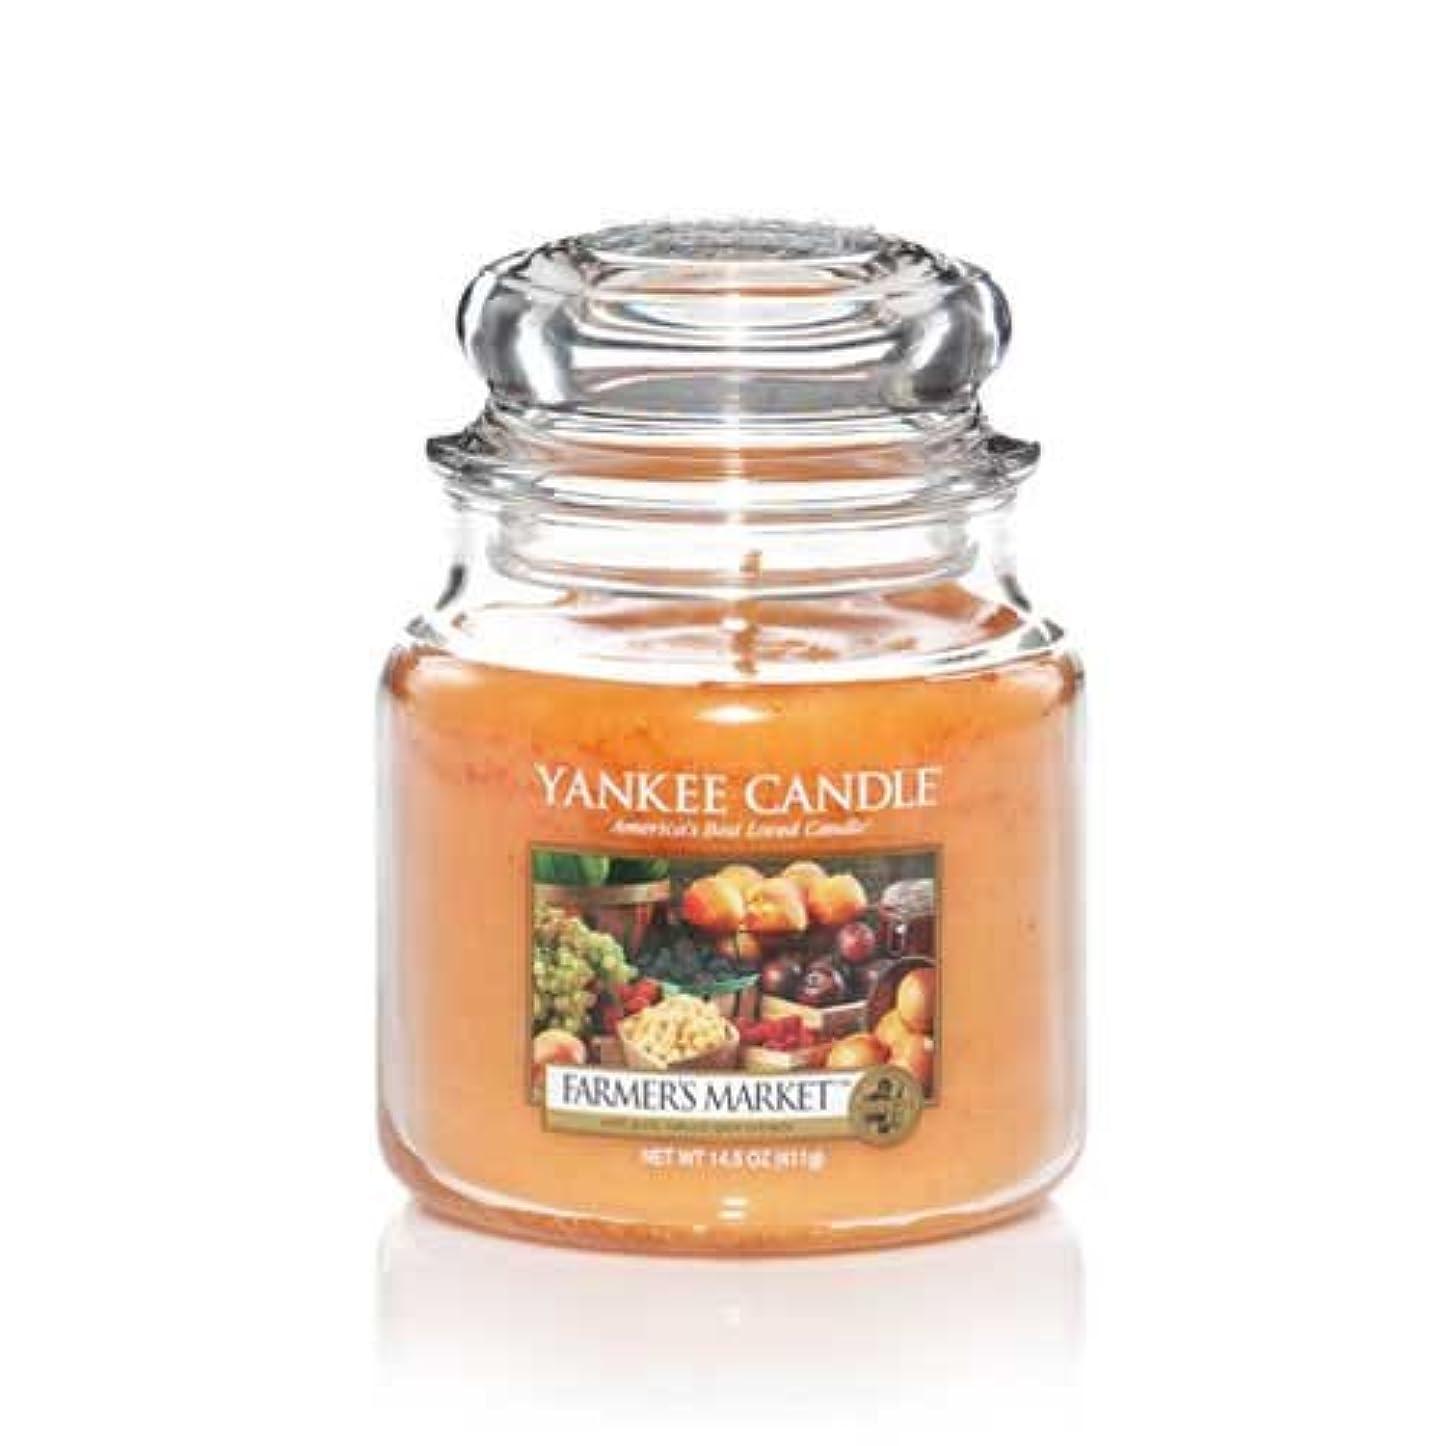 ピッチャー電池密度Yankee Candle Farmer 's Market Medium Jar Candle, Food & Spice香り